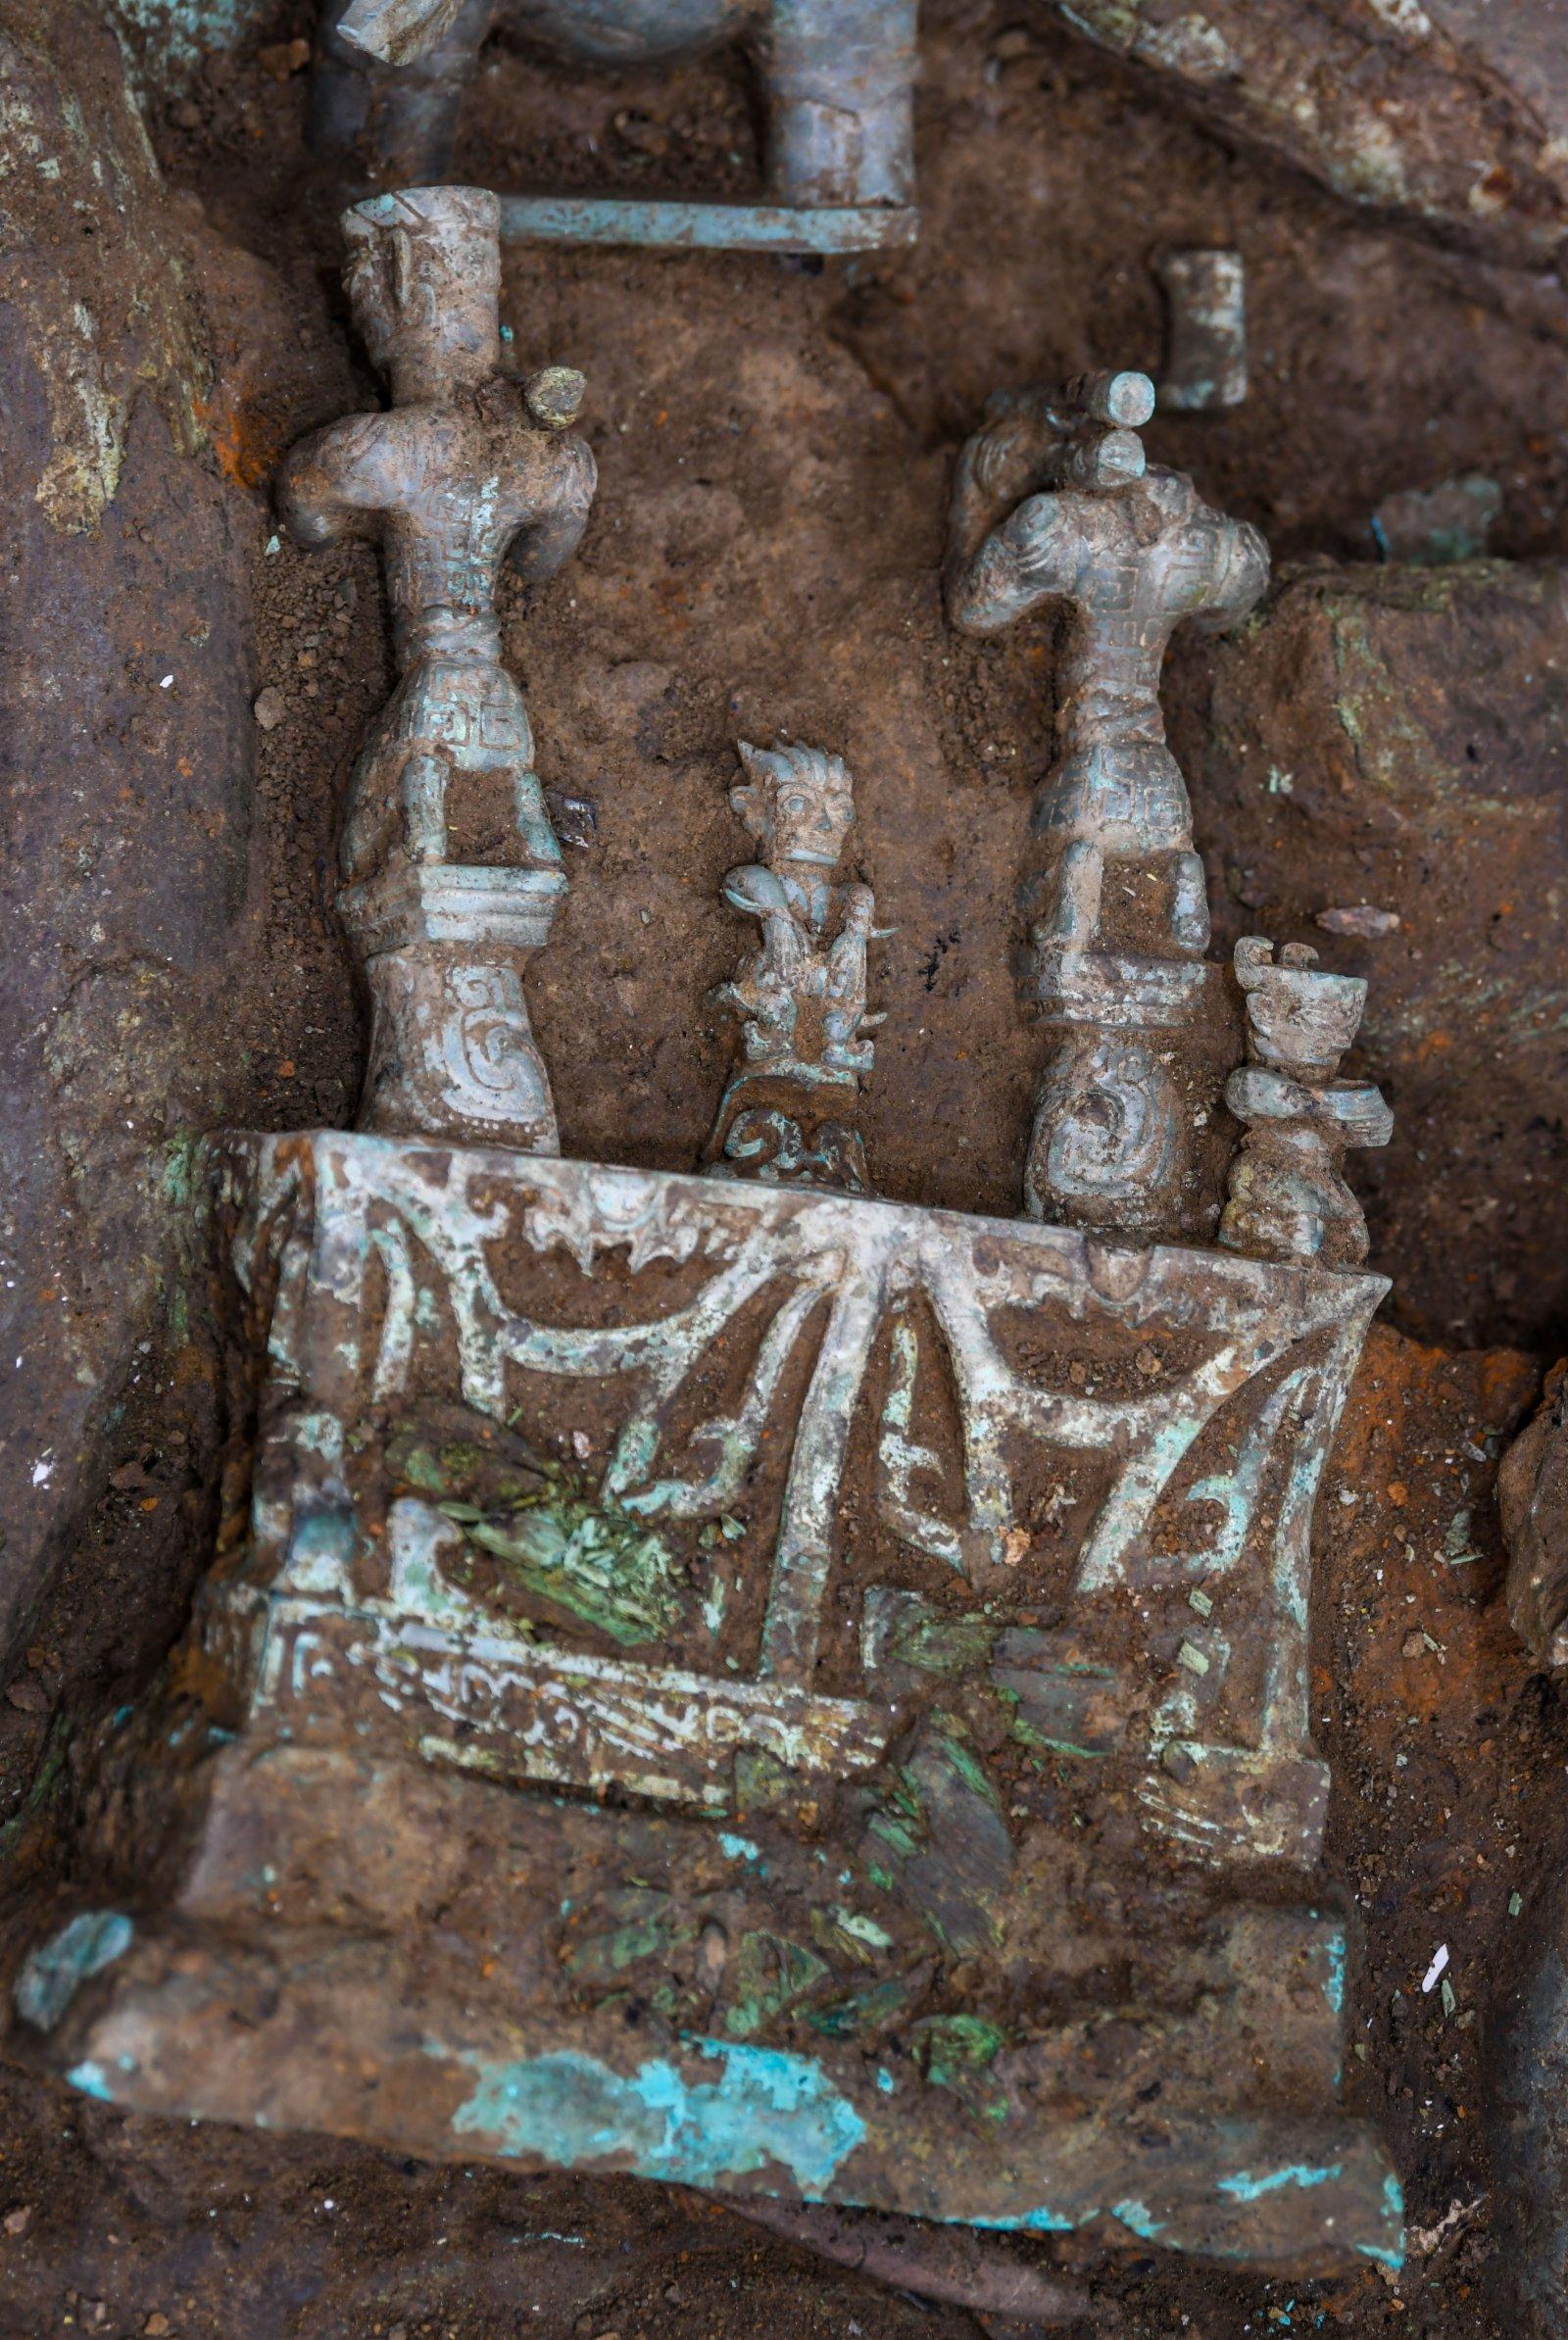 這是在四川德陽廣漢市三星堆遺址考古發掘現場8號「祭祀坑」拍攝的青銅「神壇」局部(9月2日攝)。